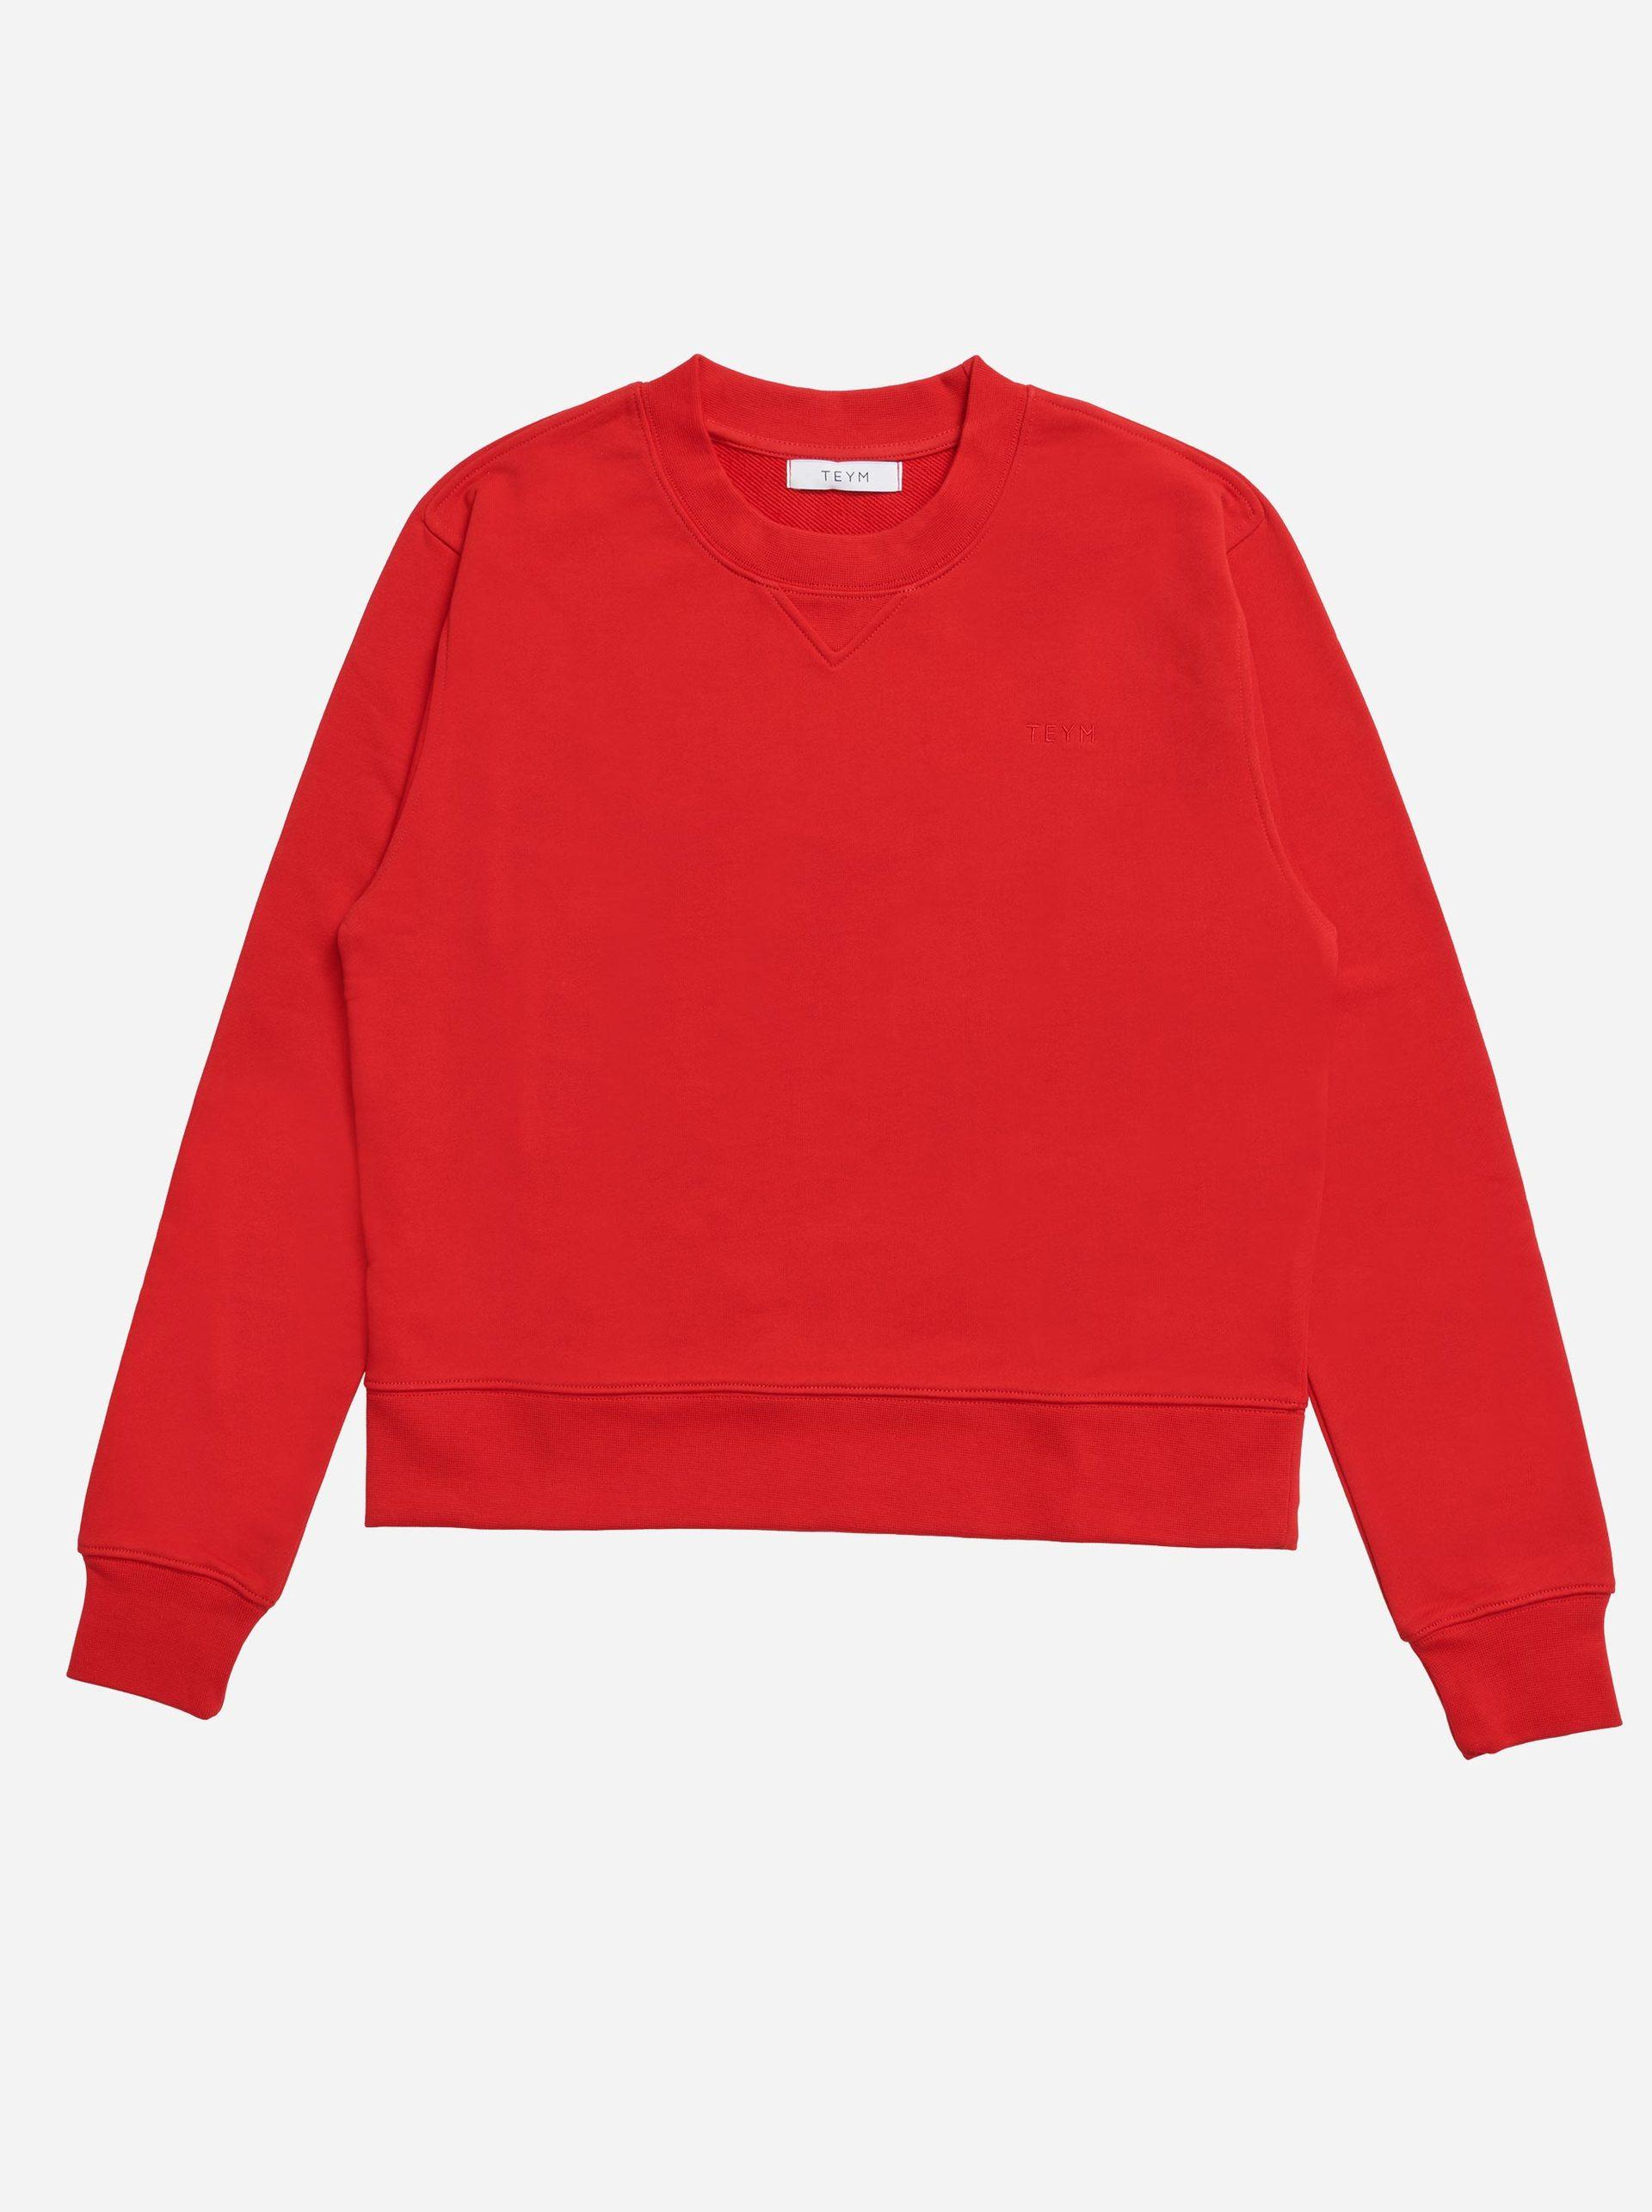 Teym-TheSweatshirt-Women-Red04